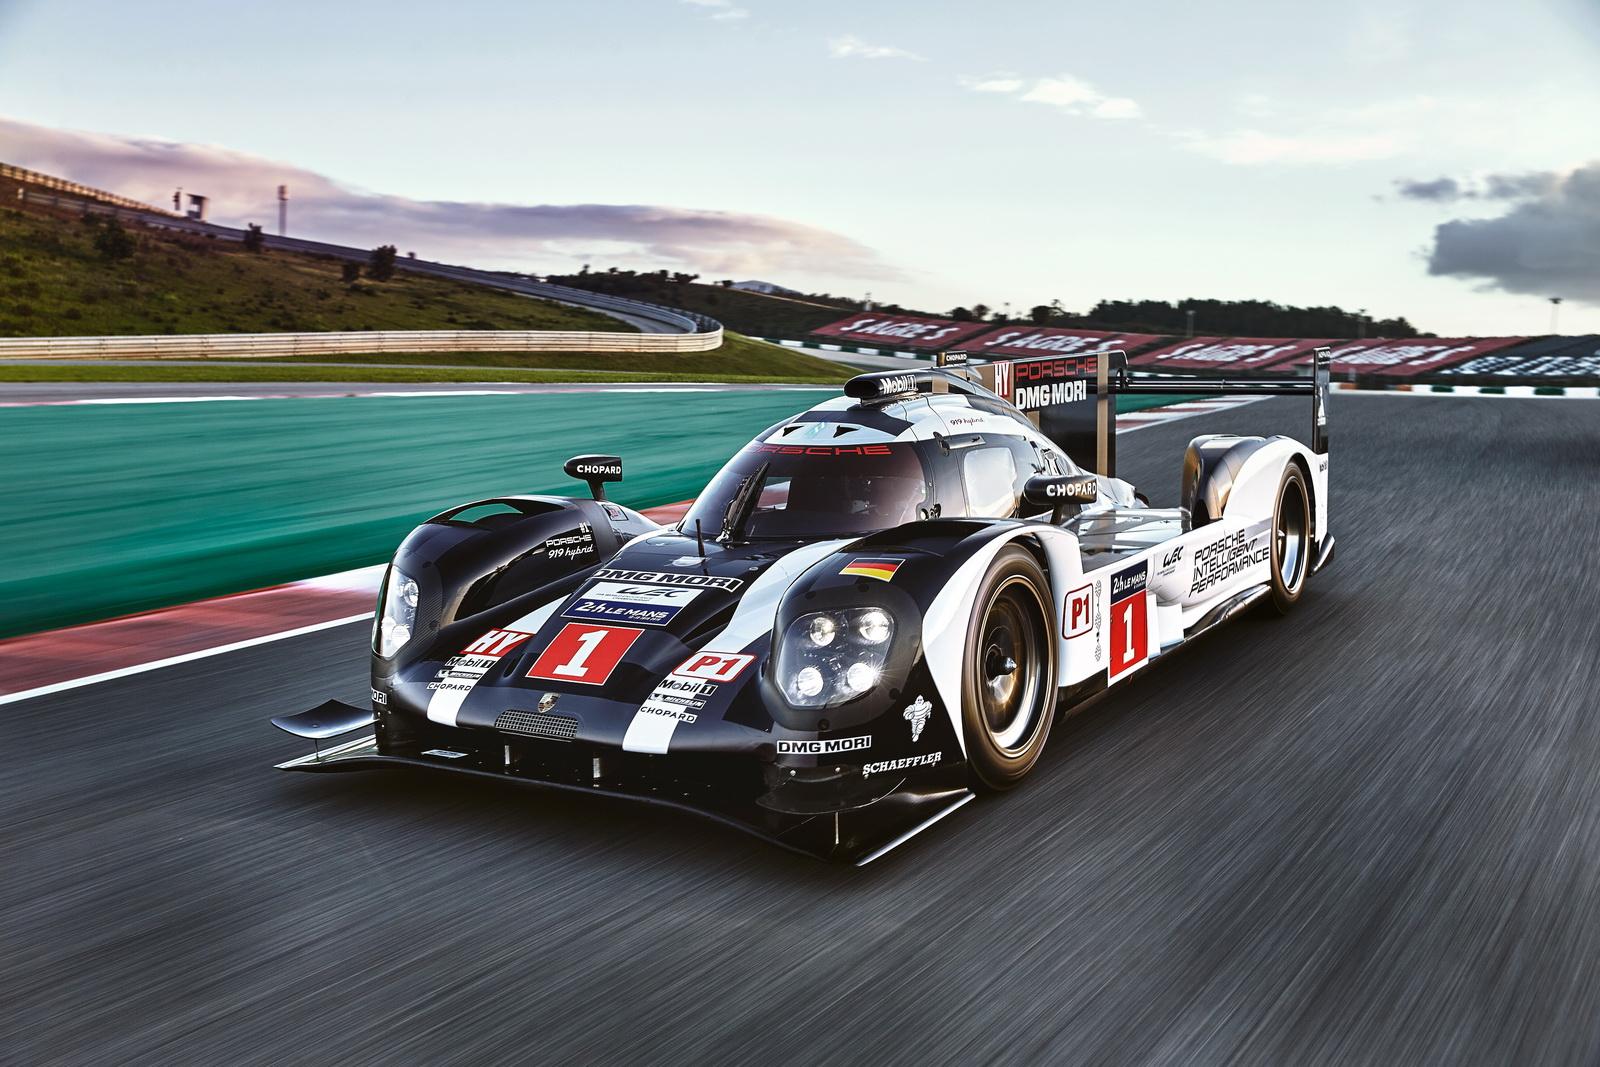 Porsche 919 Hybrid LMP1 2016 sẽ sử dụng công nghệ tuần hoàn đầu tiên trên thế giới